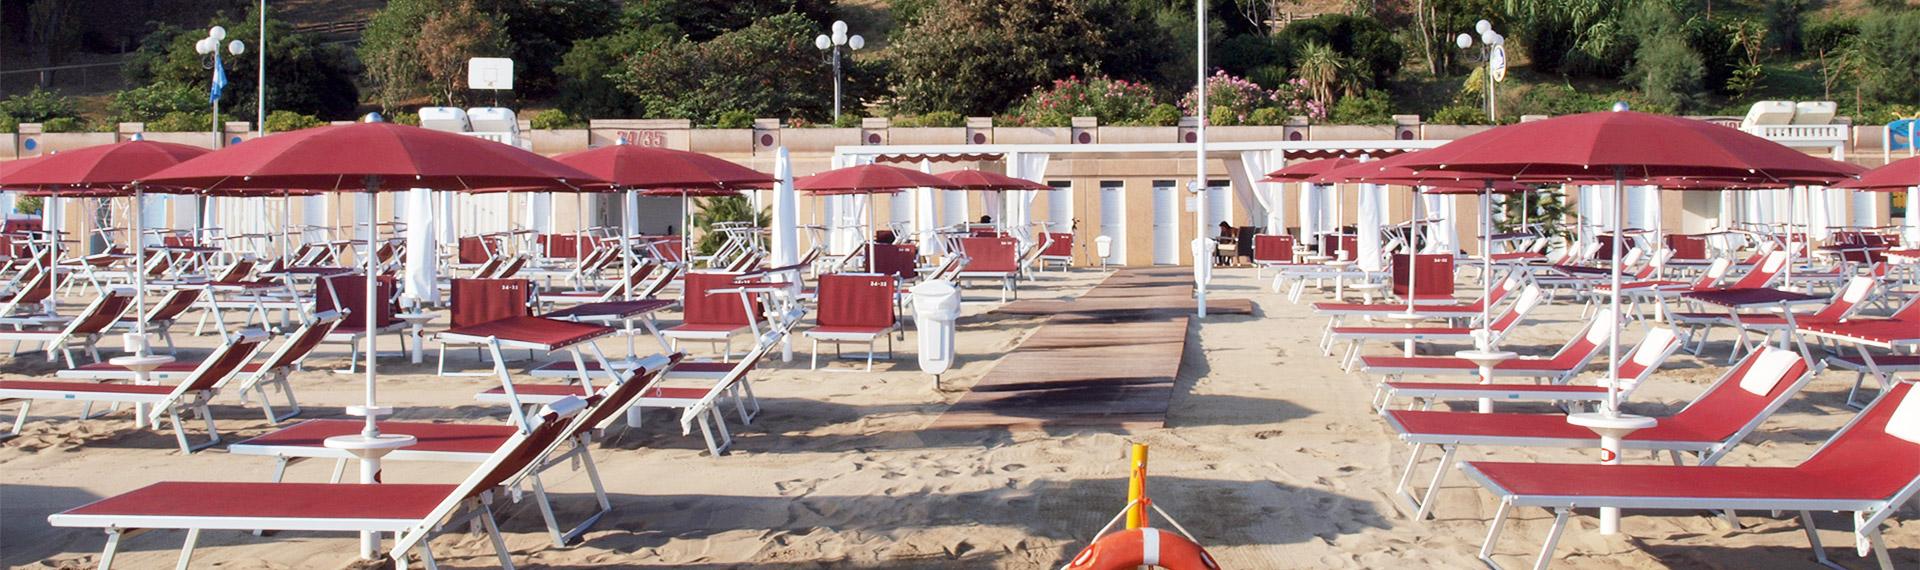 Spiaggia 34-35